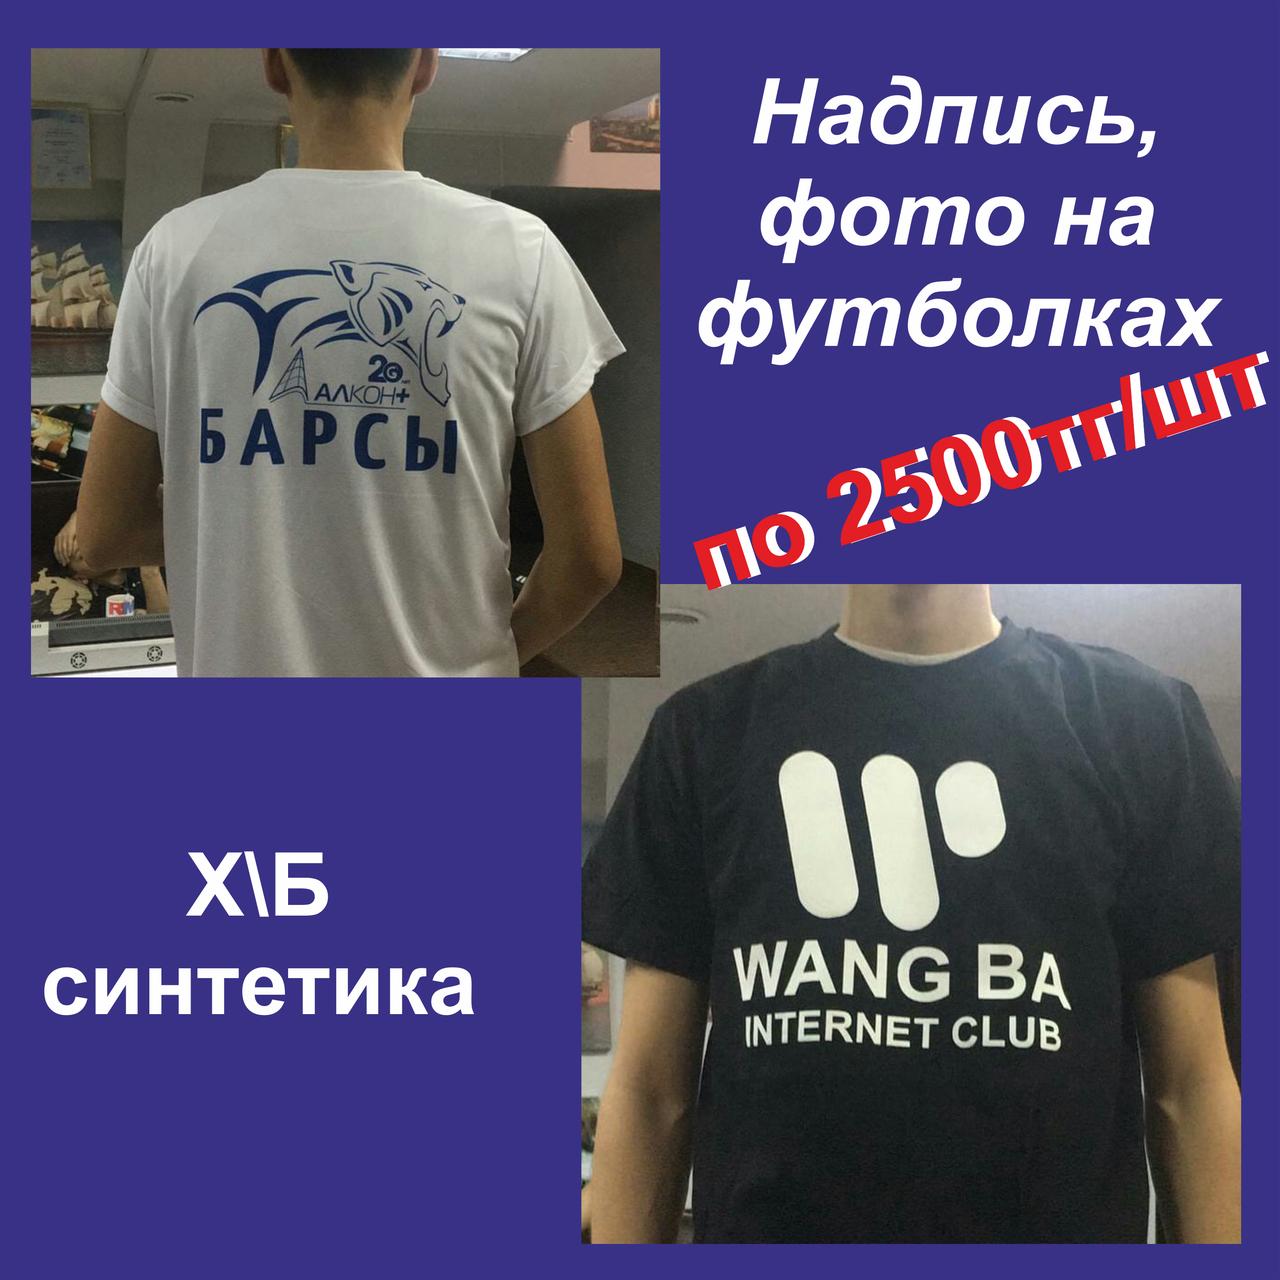 Надпись на футболке с двух сторон